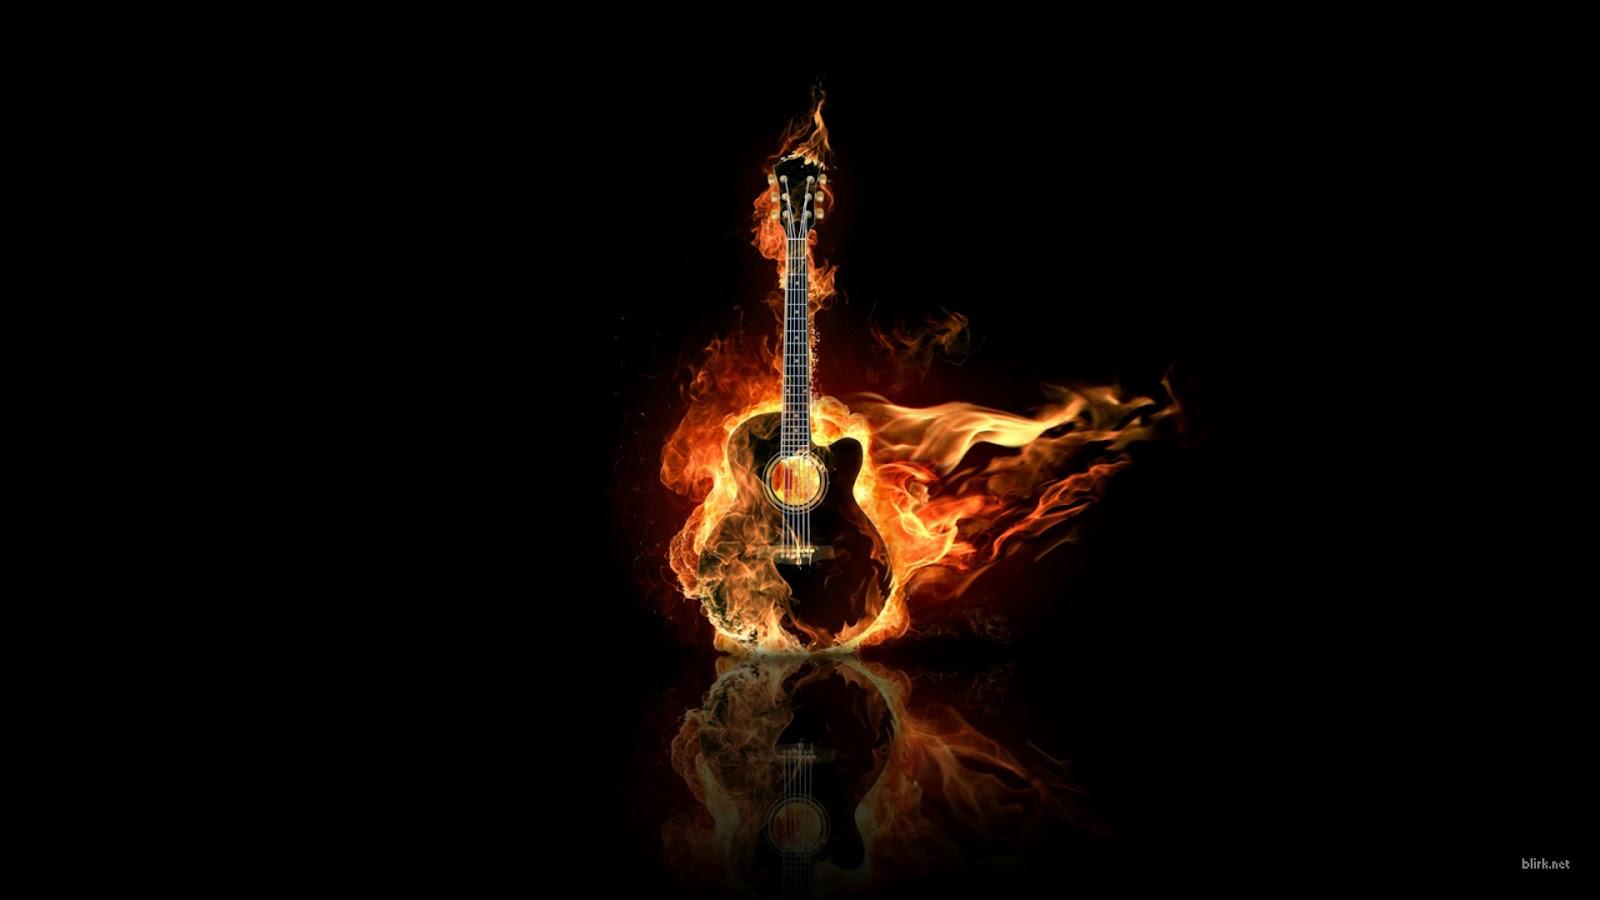 http://1.bp.blogspot.com/-gLqCb30RM4I/UD1p-k1zgWI/AAAAAAAAA3g/0GYtqtrc2d4/s1600/Guitar-HD-Wallpaper-31.jpg